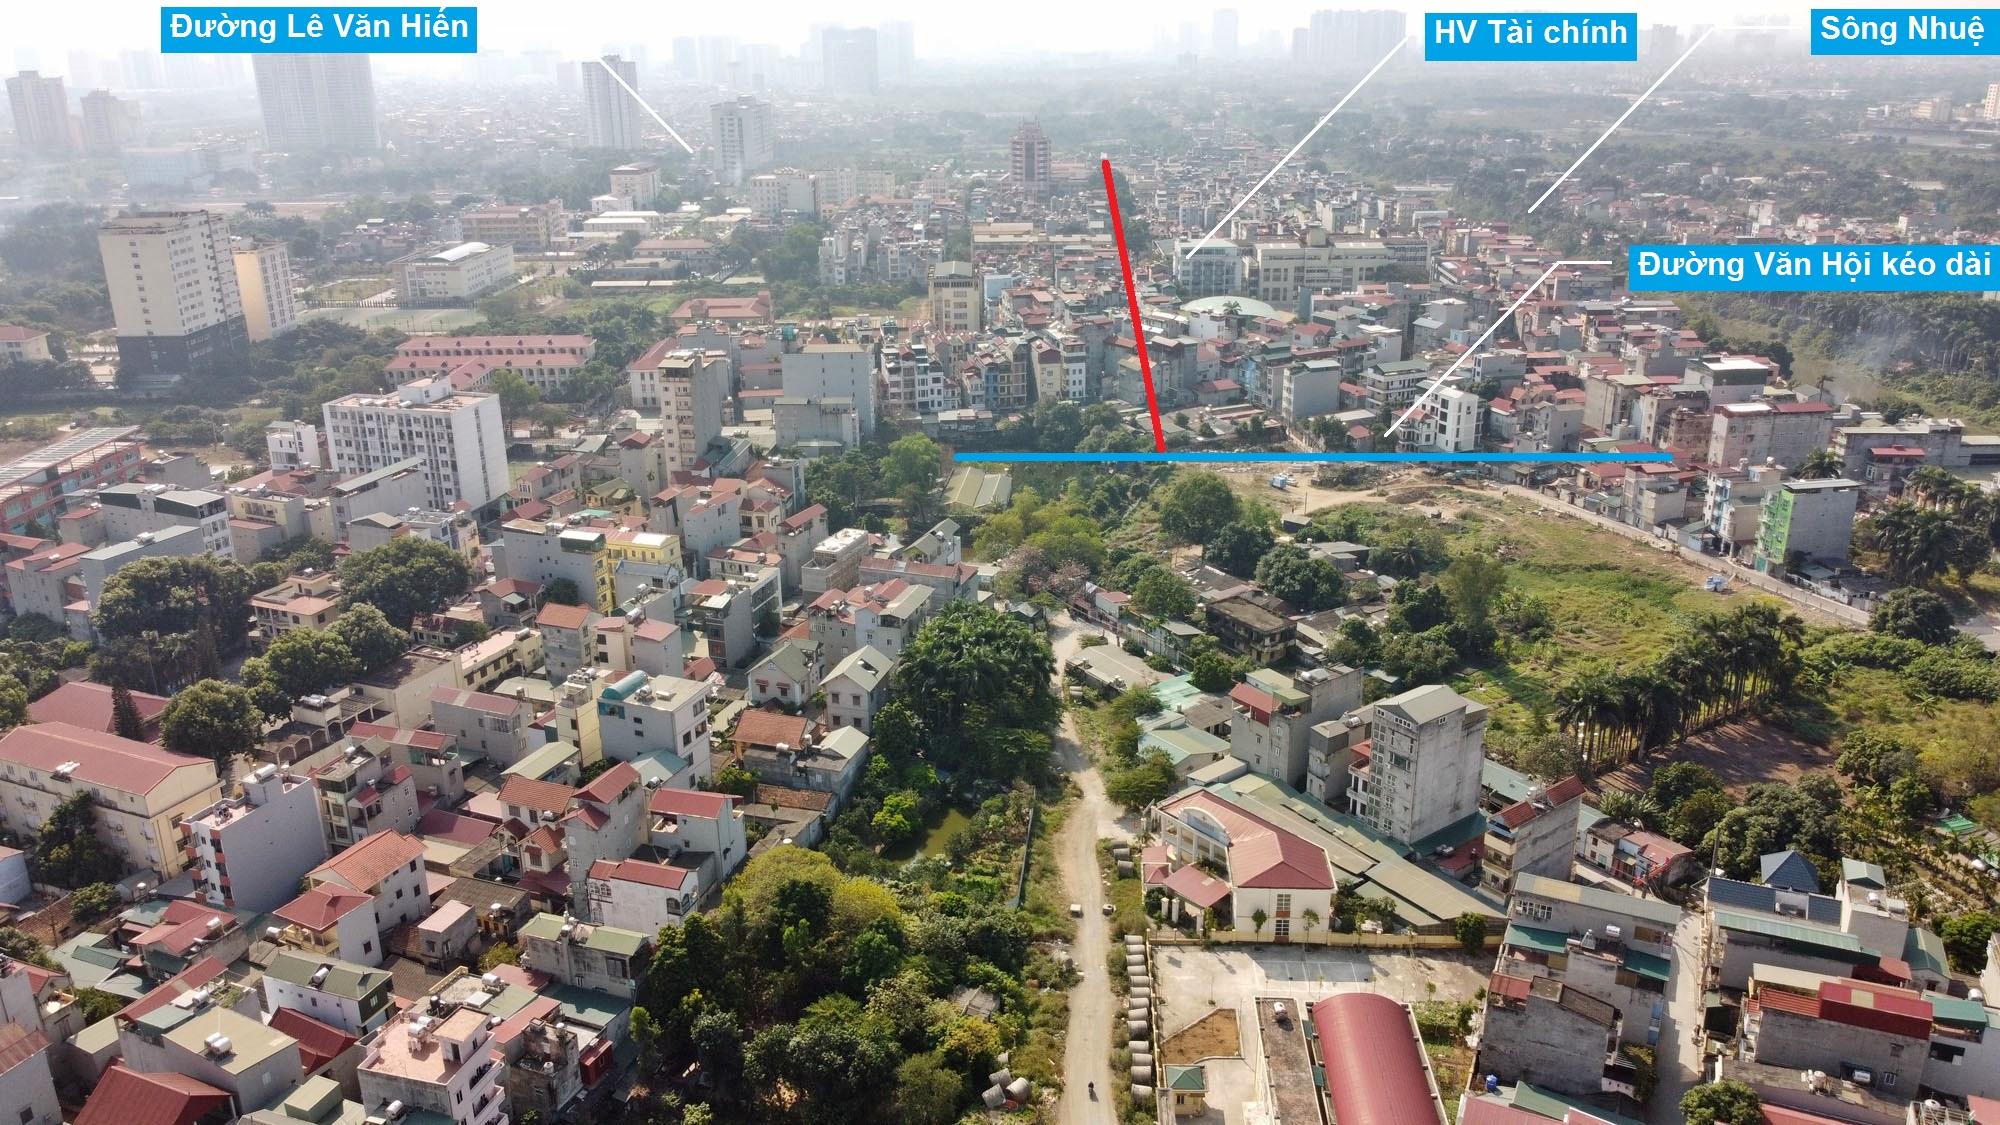 Ba đường sẽ mở theo qui hoạch ở phường Đức Thắng, Bắc Từ Liêm, Hà Nội (phần 2) - Ảnh 7.